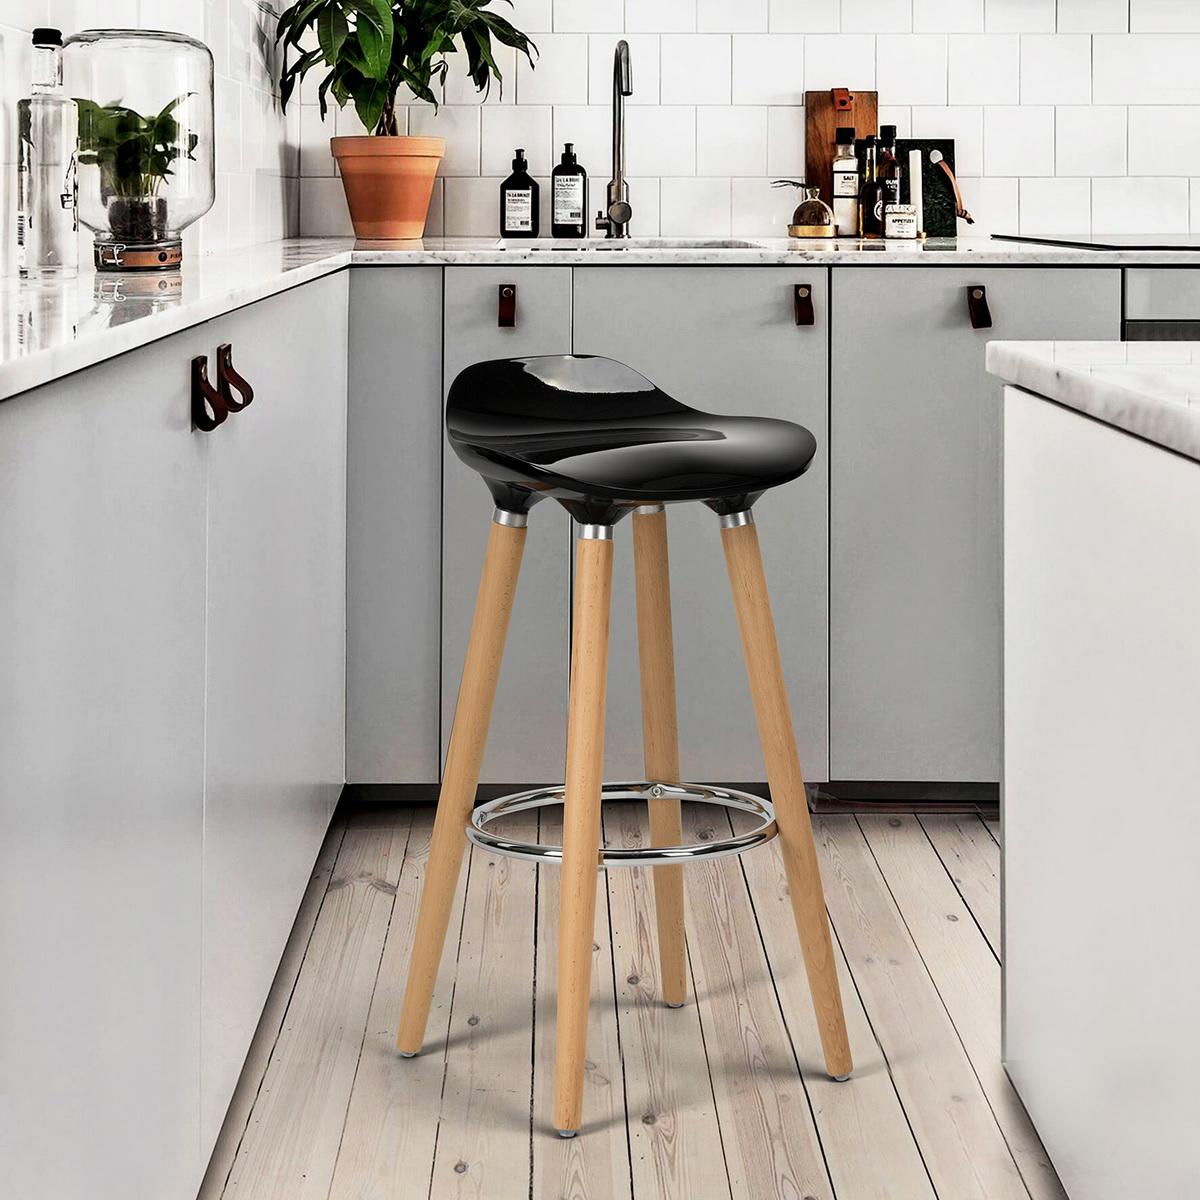 כיסא בר יוקרתי ומעוצב דגם יסמין